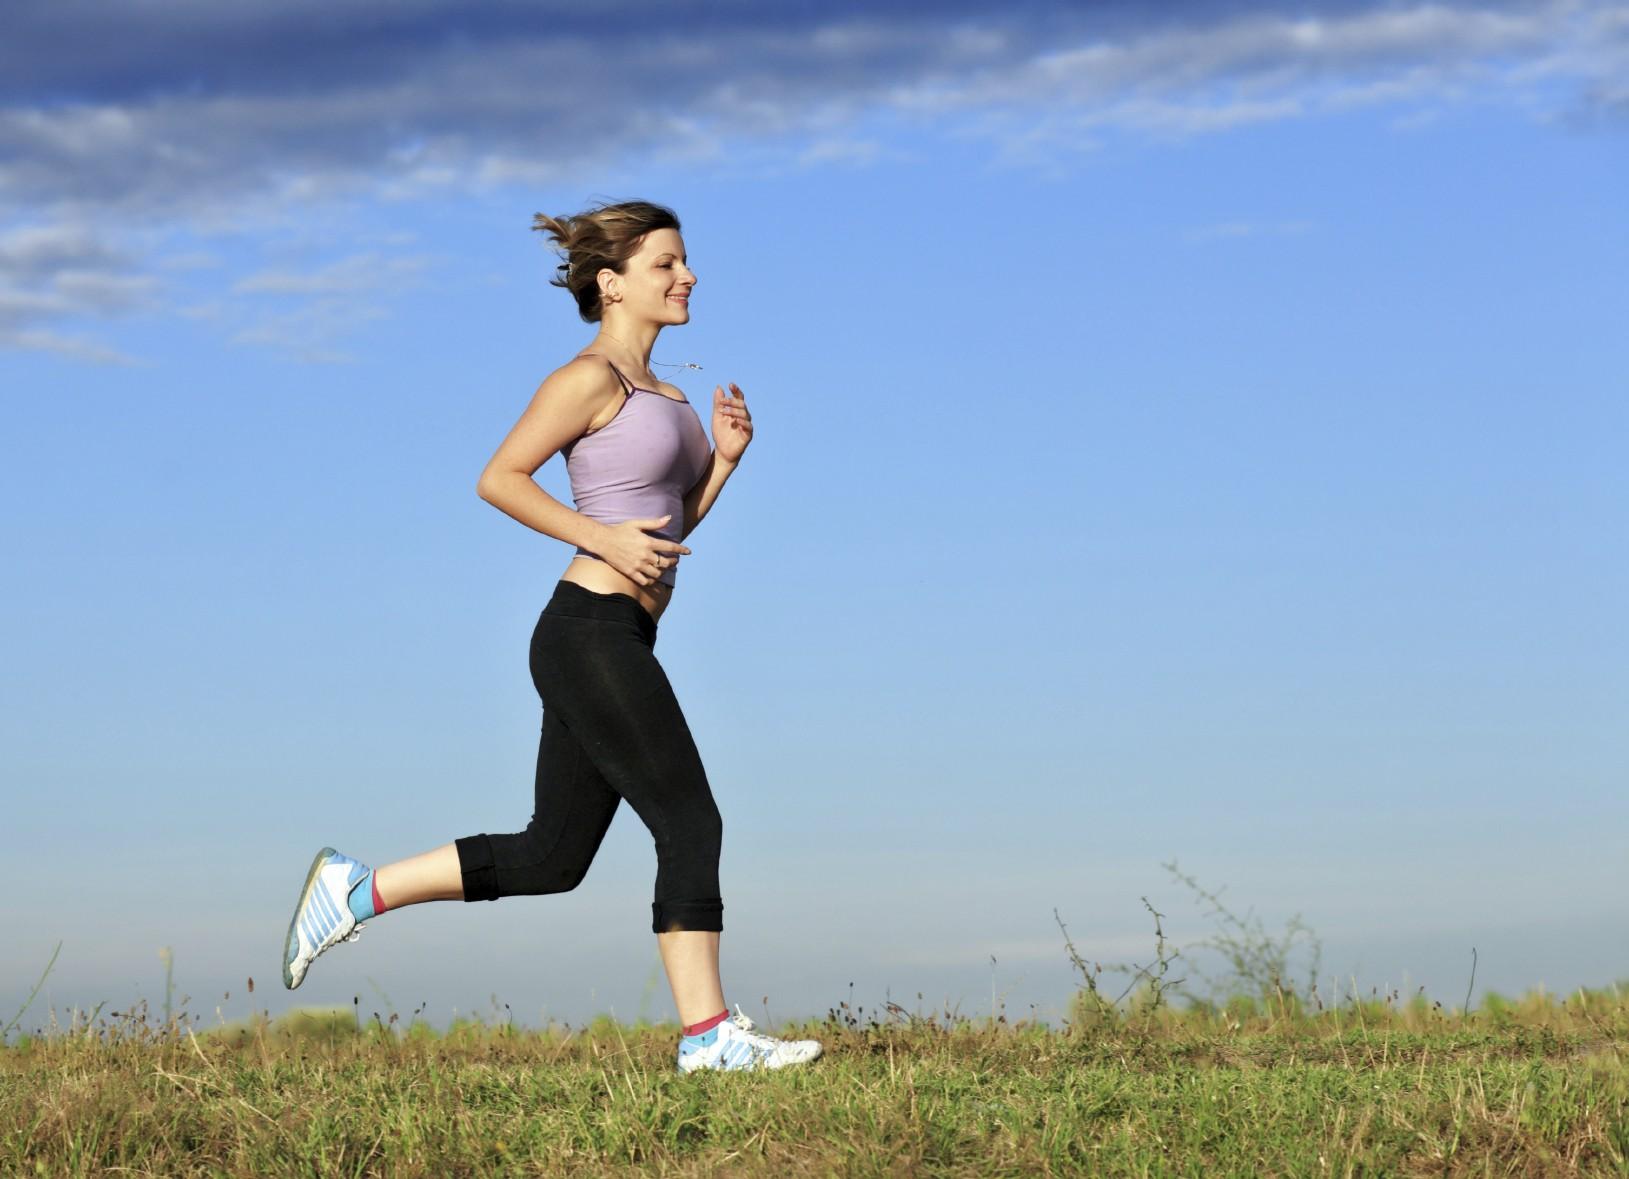 magas vérnyomás sportolhat A magas vérnyomás Evdokimenko kezelése